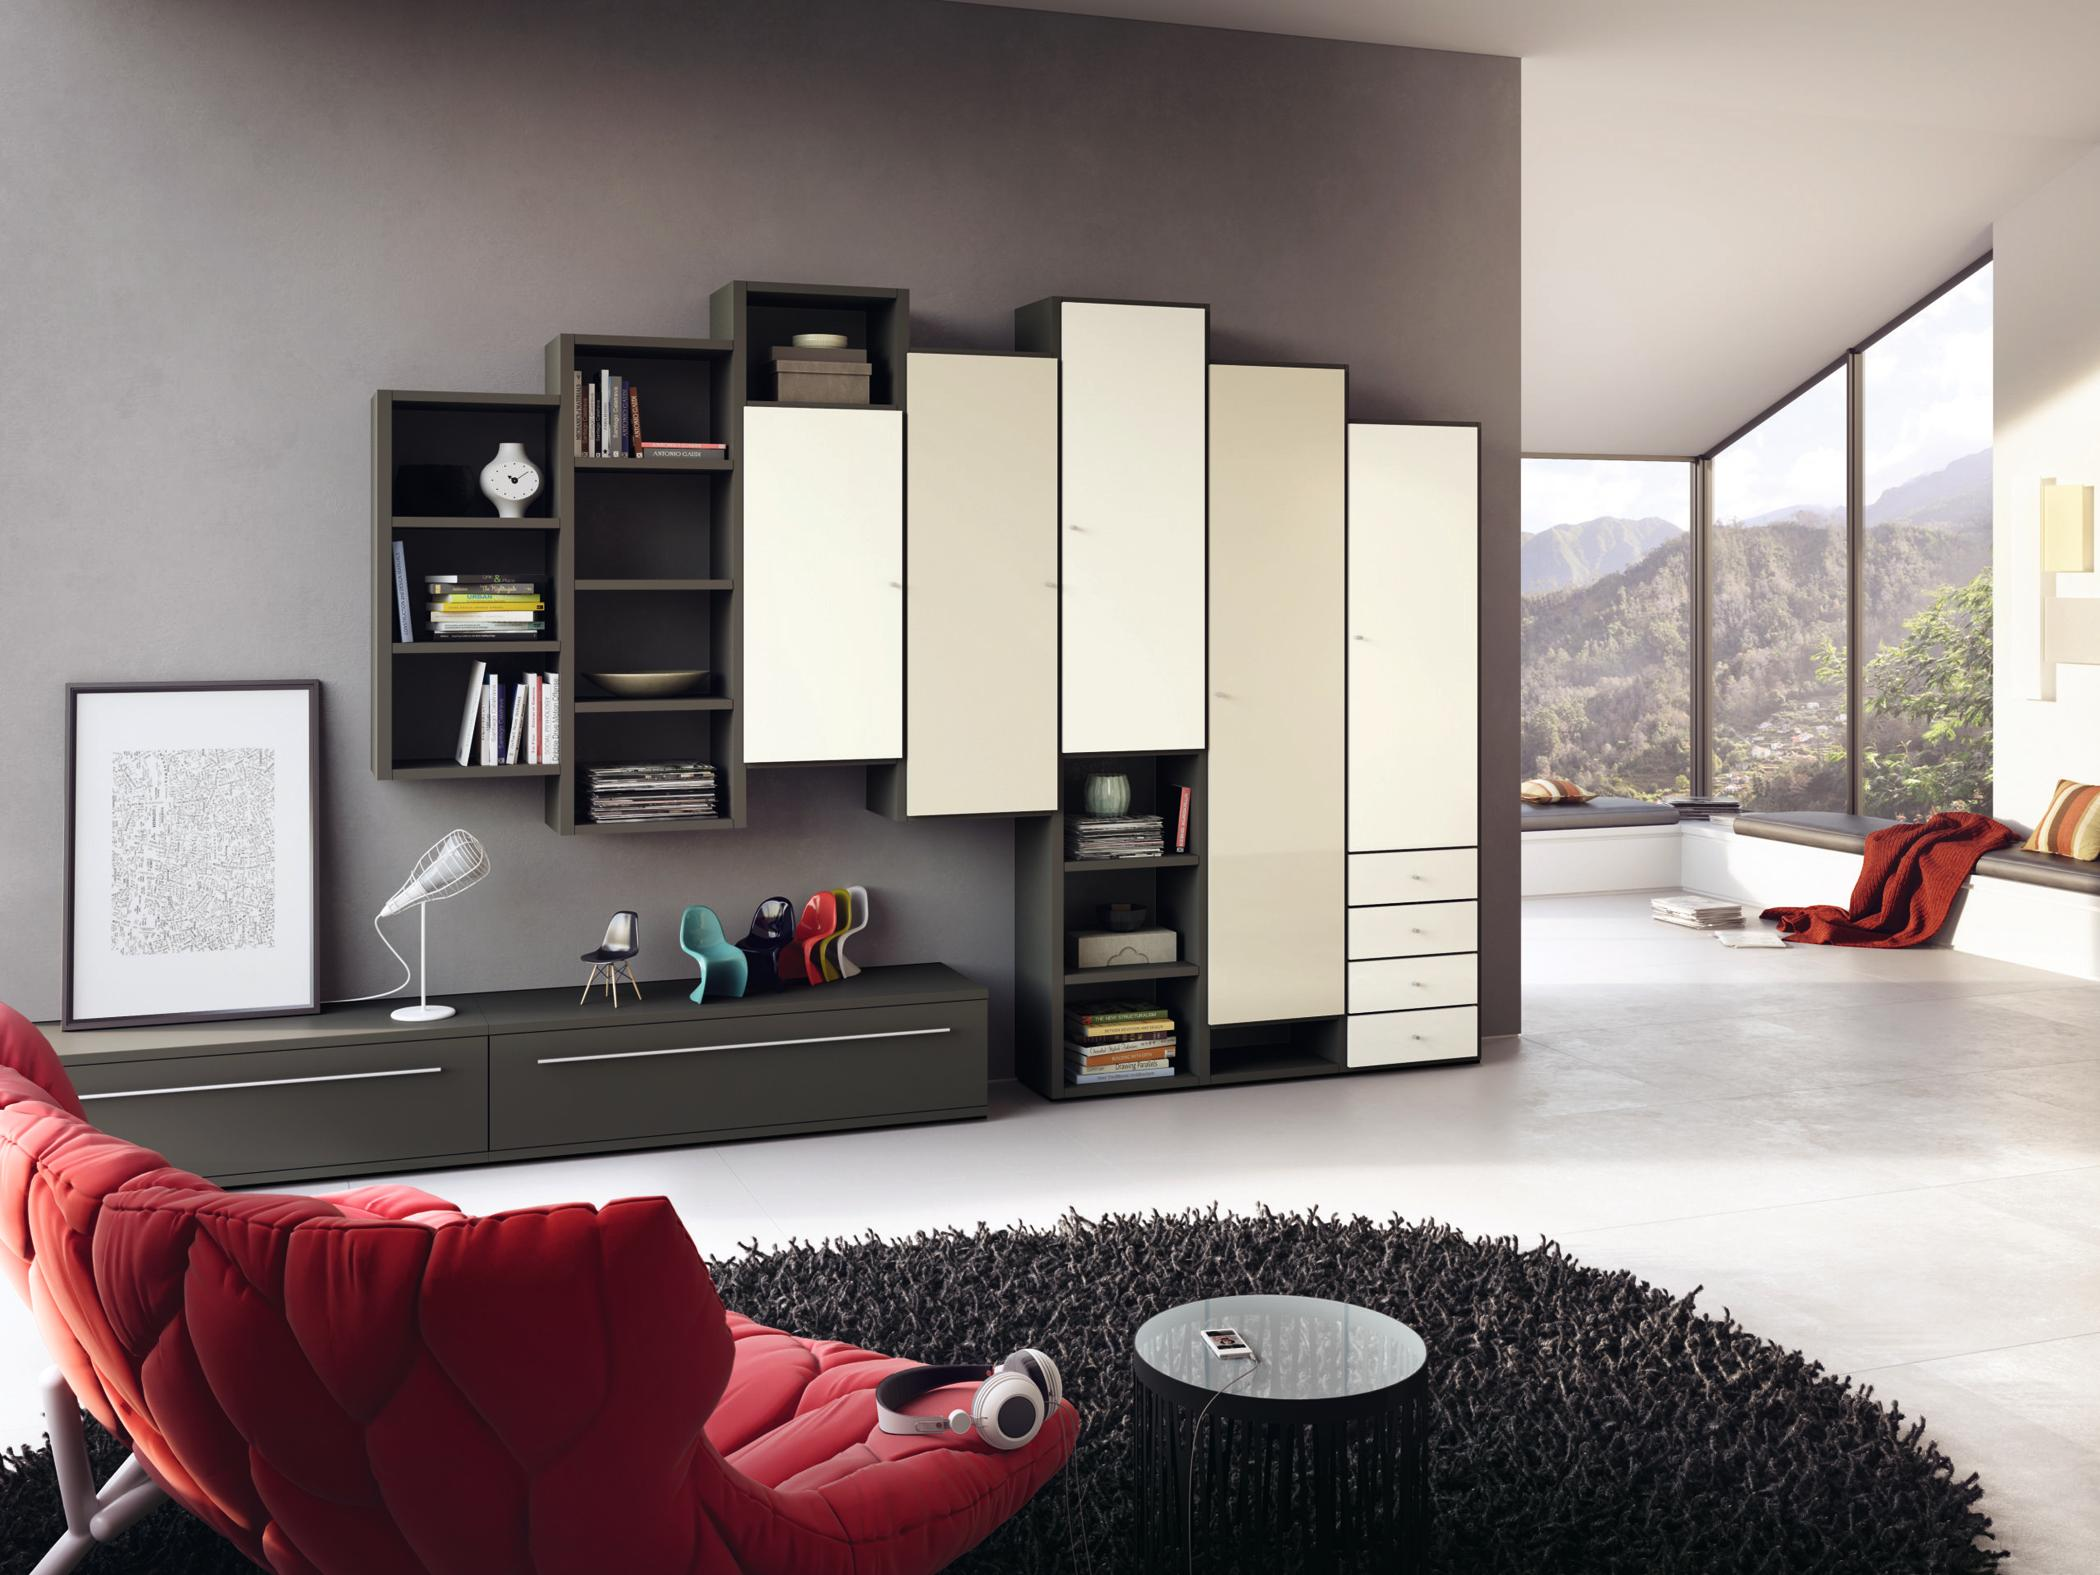 Wohnzimmer Mit Wohnwand Gestalten Tvmöbel Wohnwand